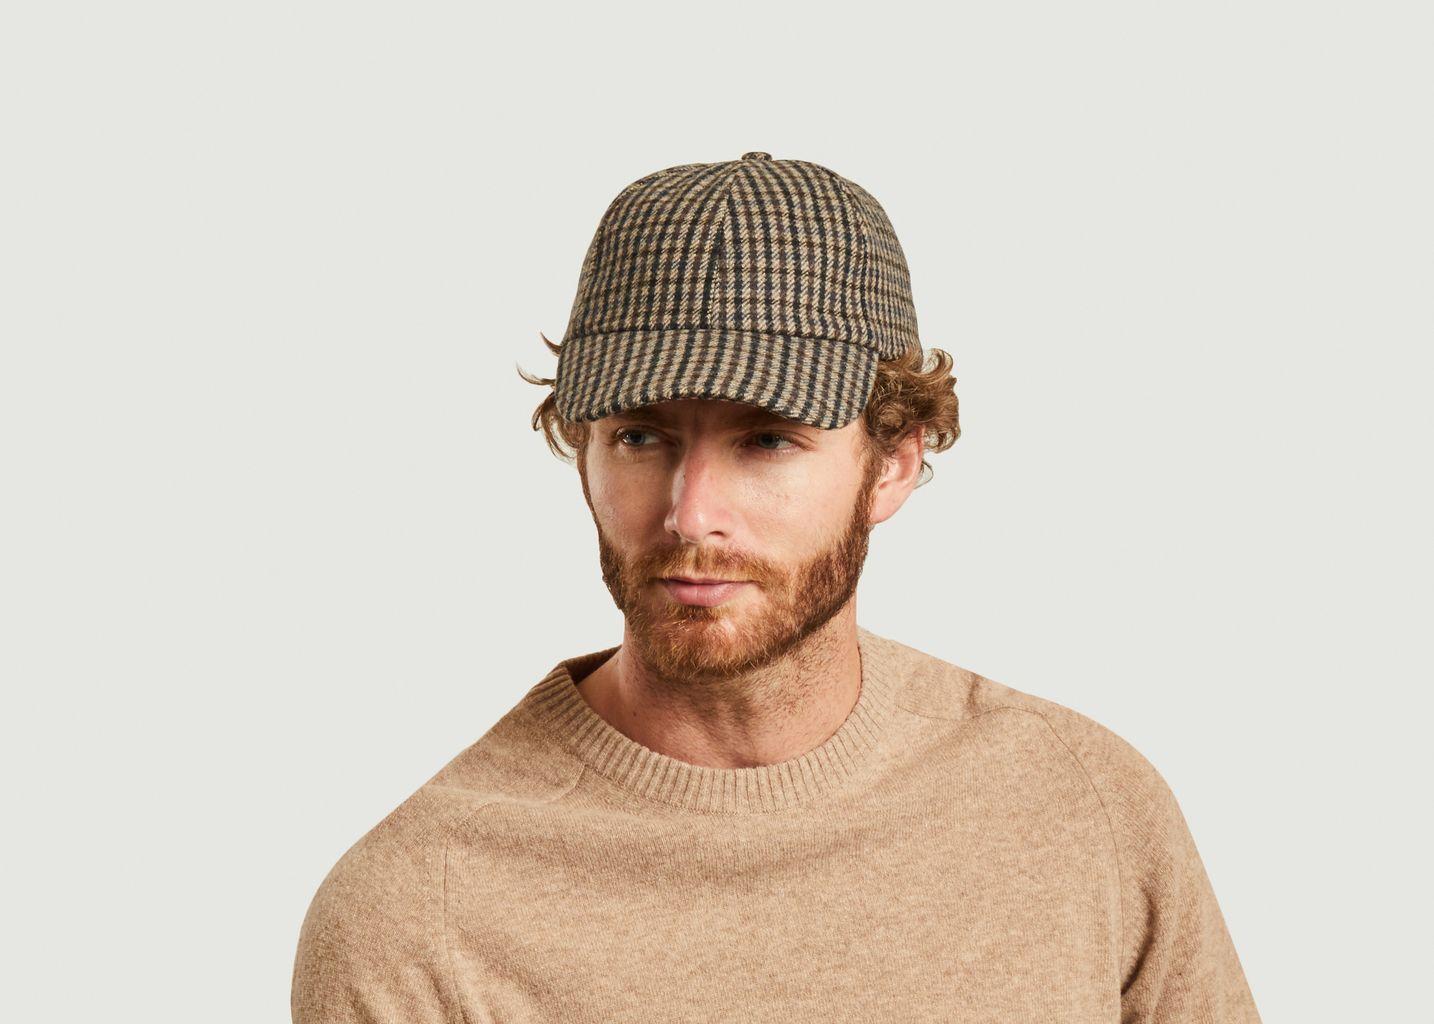 Casquette plaid à carreaux laine - Officine Générale